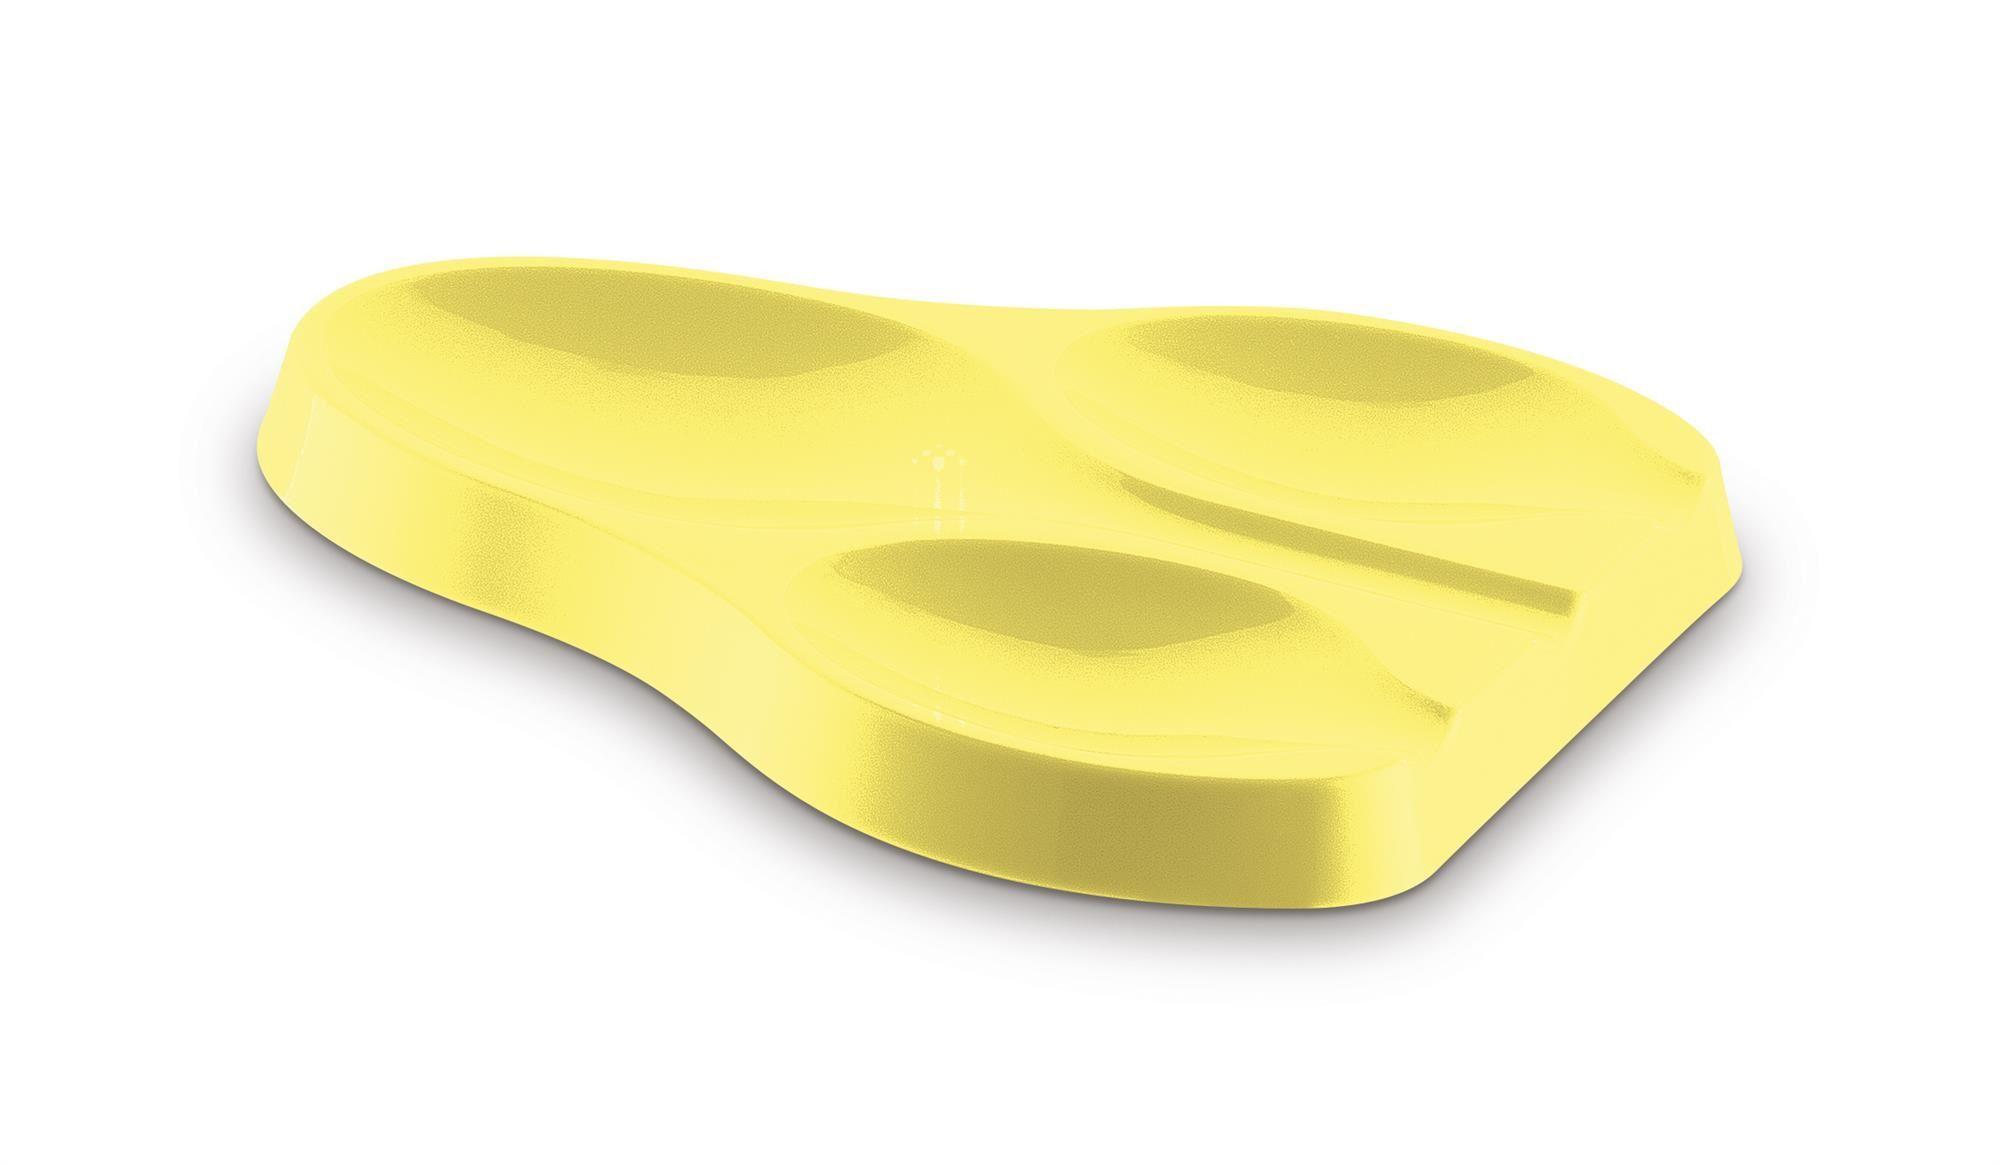 Suporte Apoio Para Colher Plus 3 Lugares UZ Amarelo